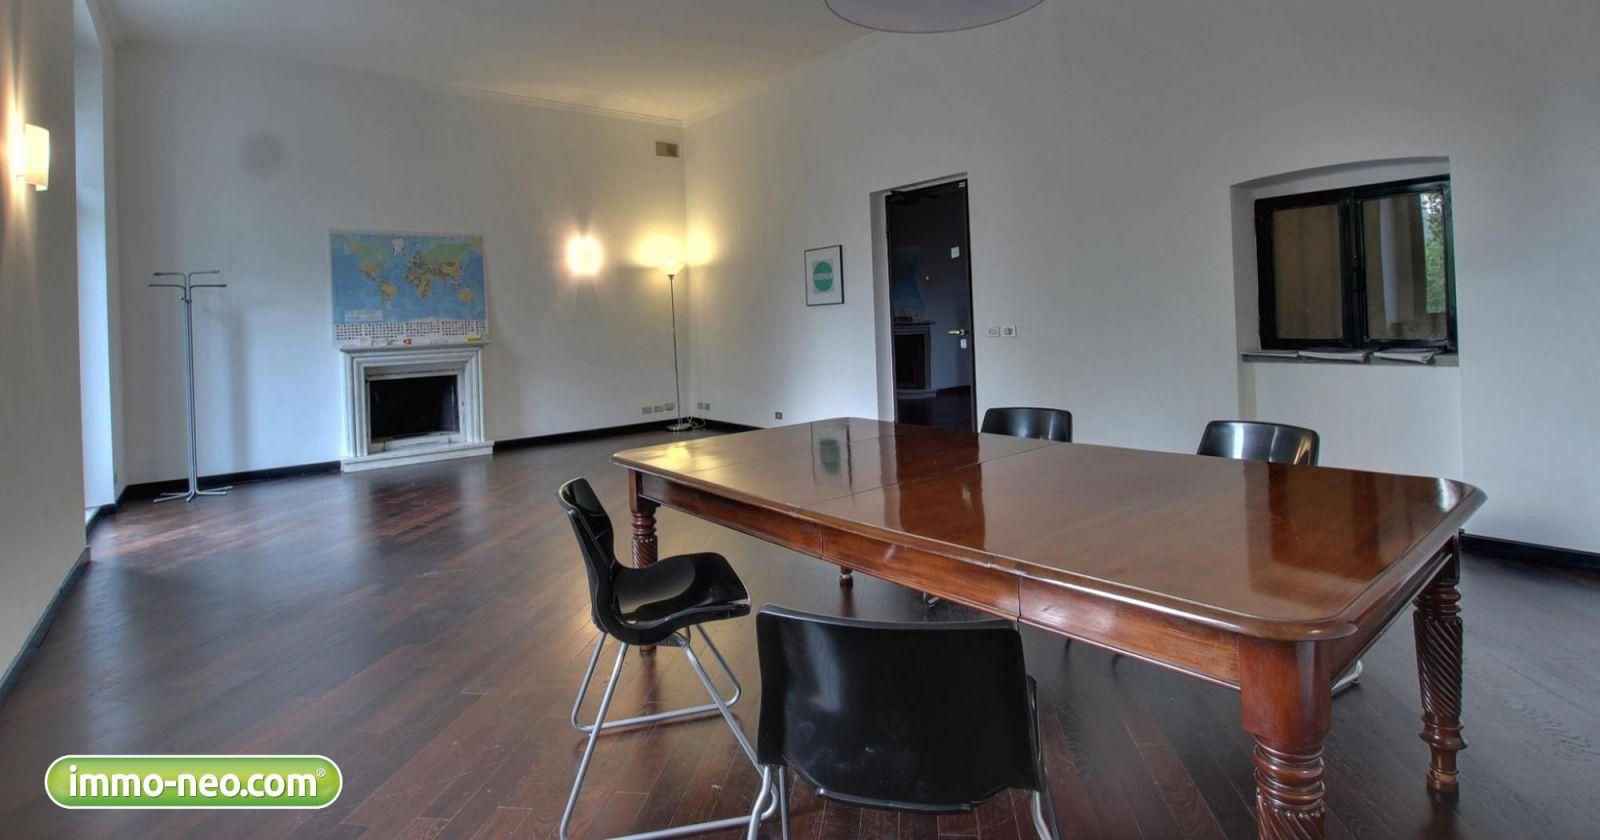 Ufficio Open Space Milano Affitto : In affitto tra privati due prestigiosi immobili in corso sempione